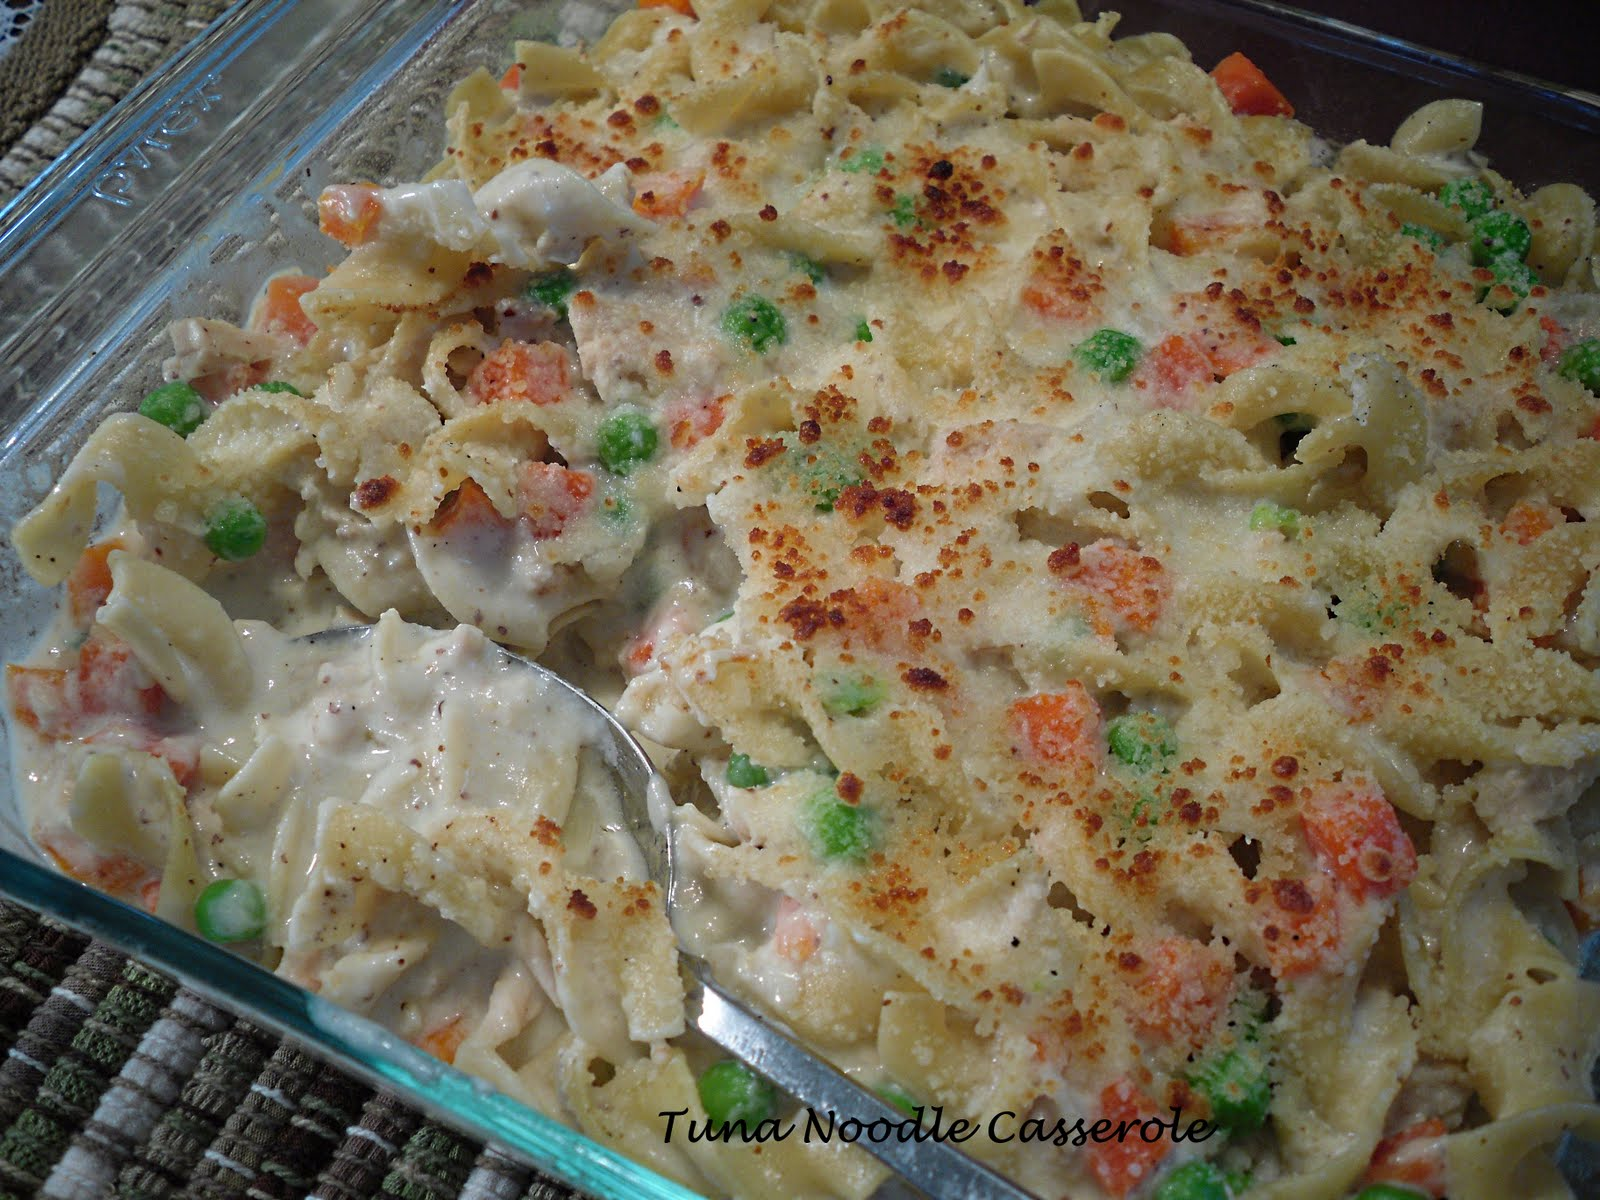 Comfy Cuisine: Comfort Food Classics - Tuna Noodle Casserole